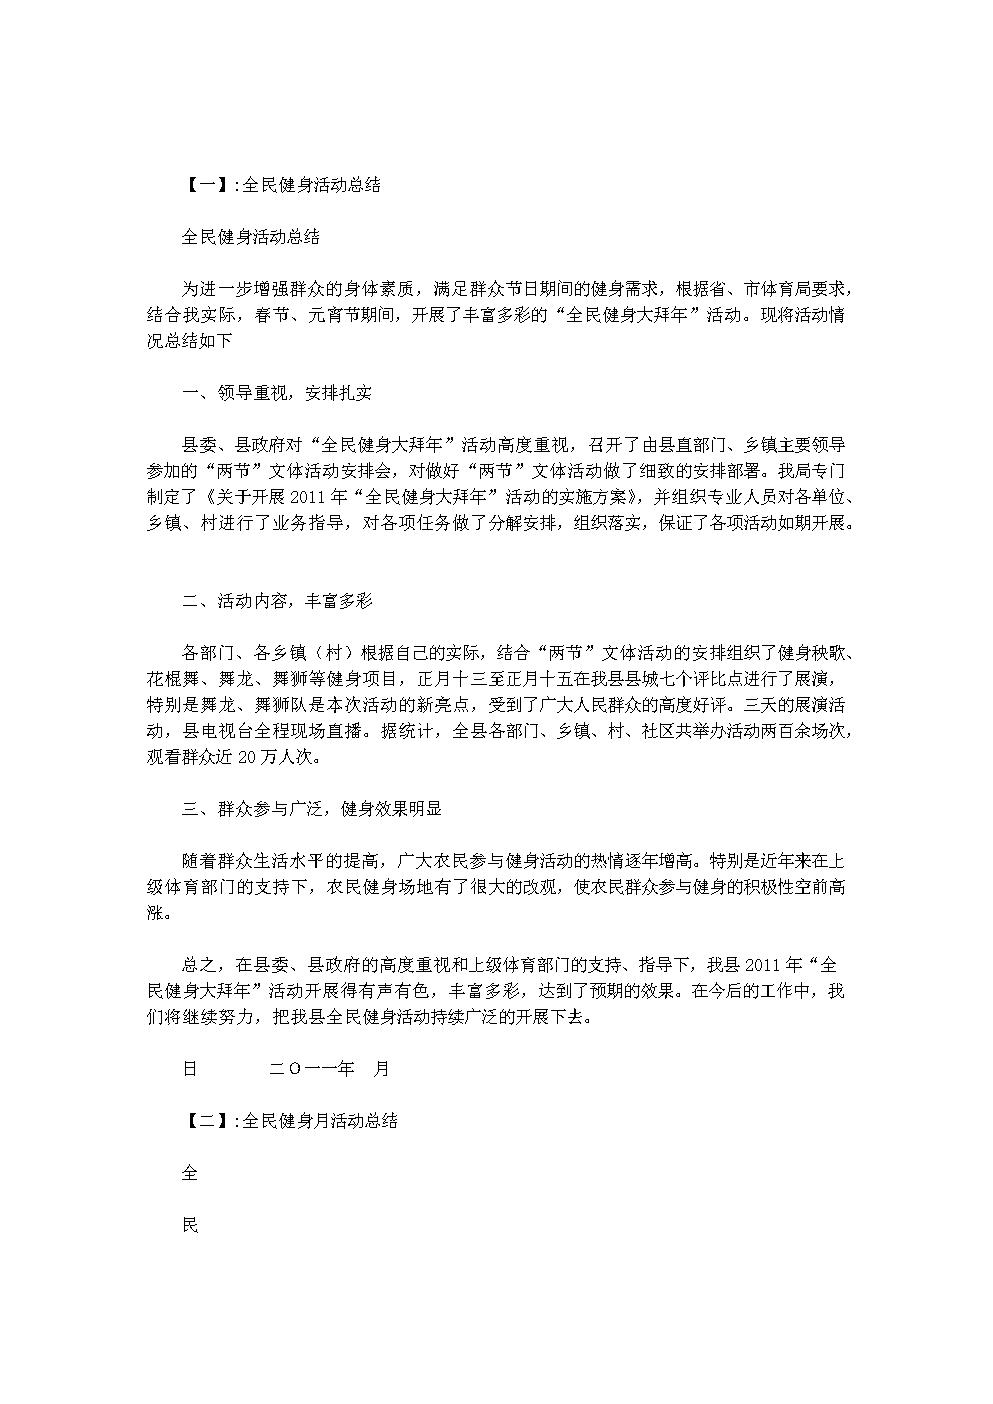 全民健身月活动总结范文.doc